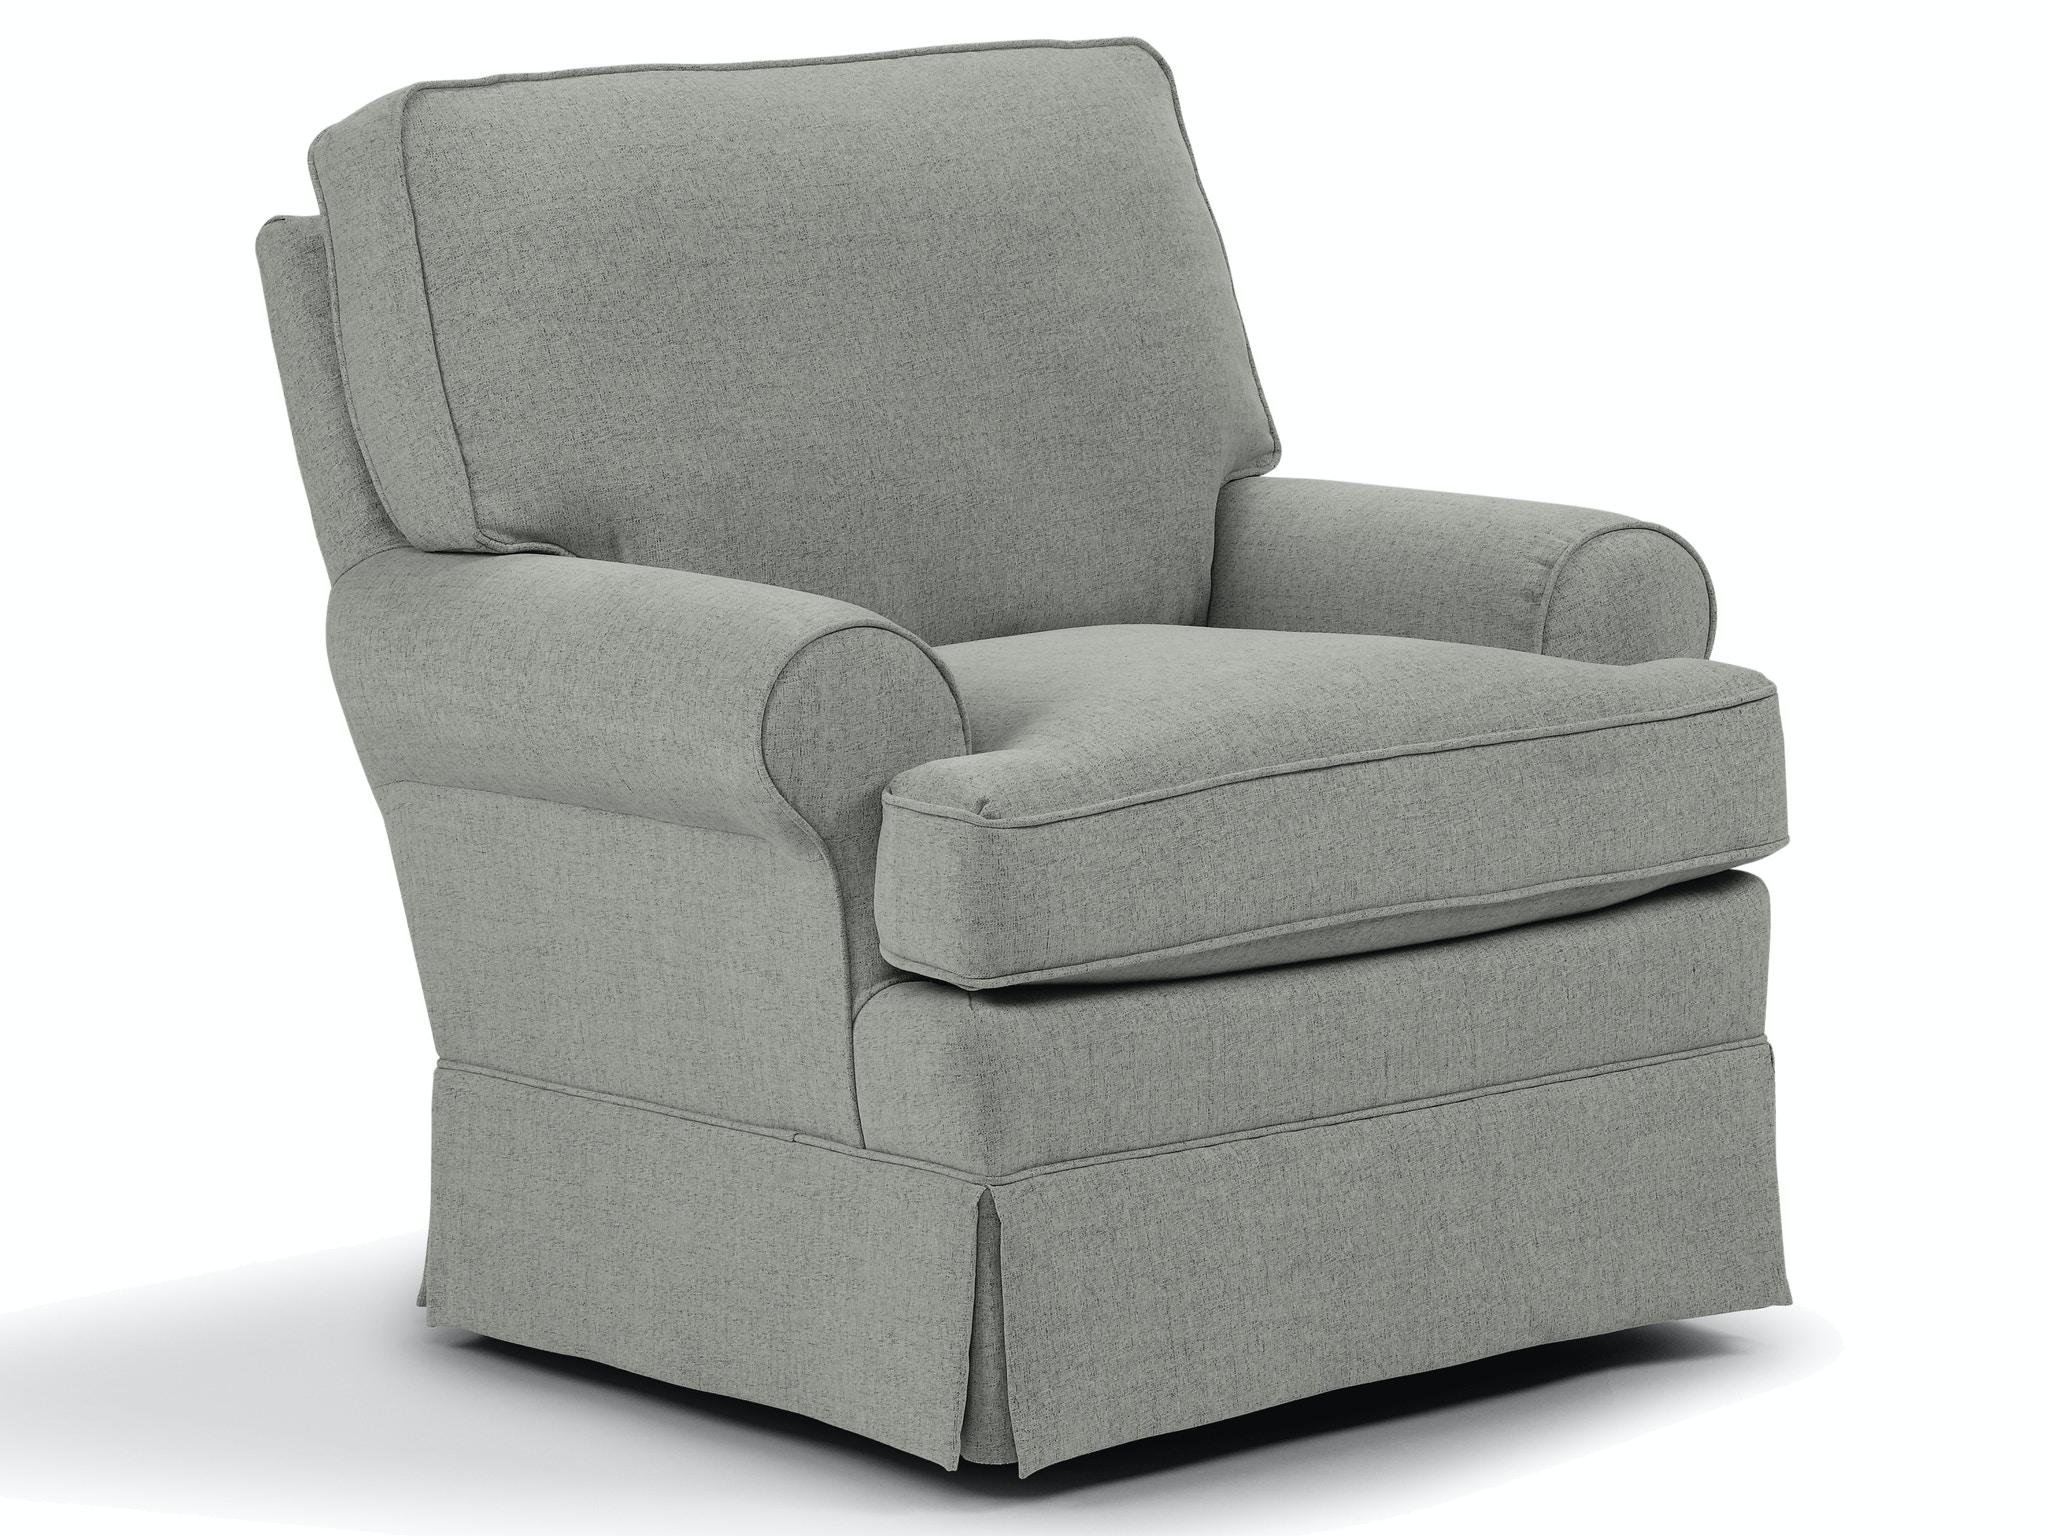 besthf com chairs santa hat chair covers diy quinn club